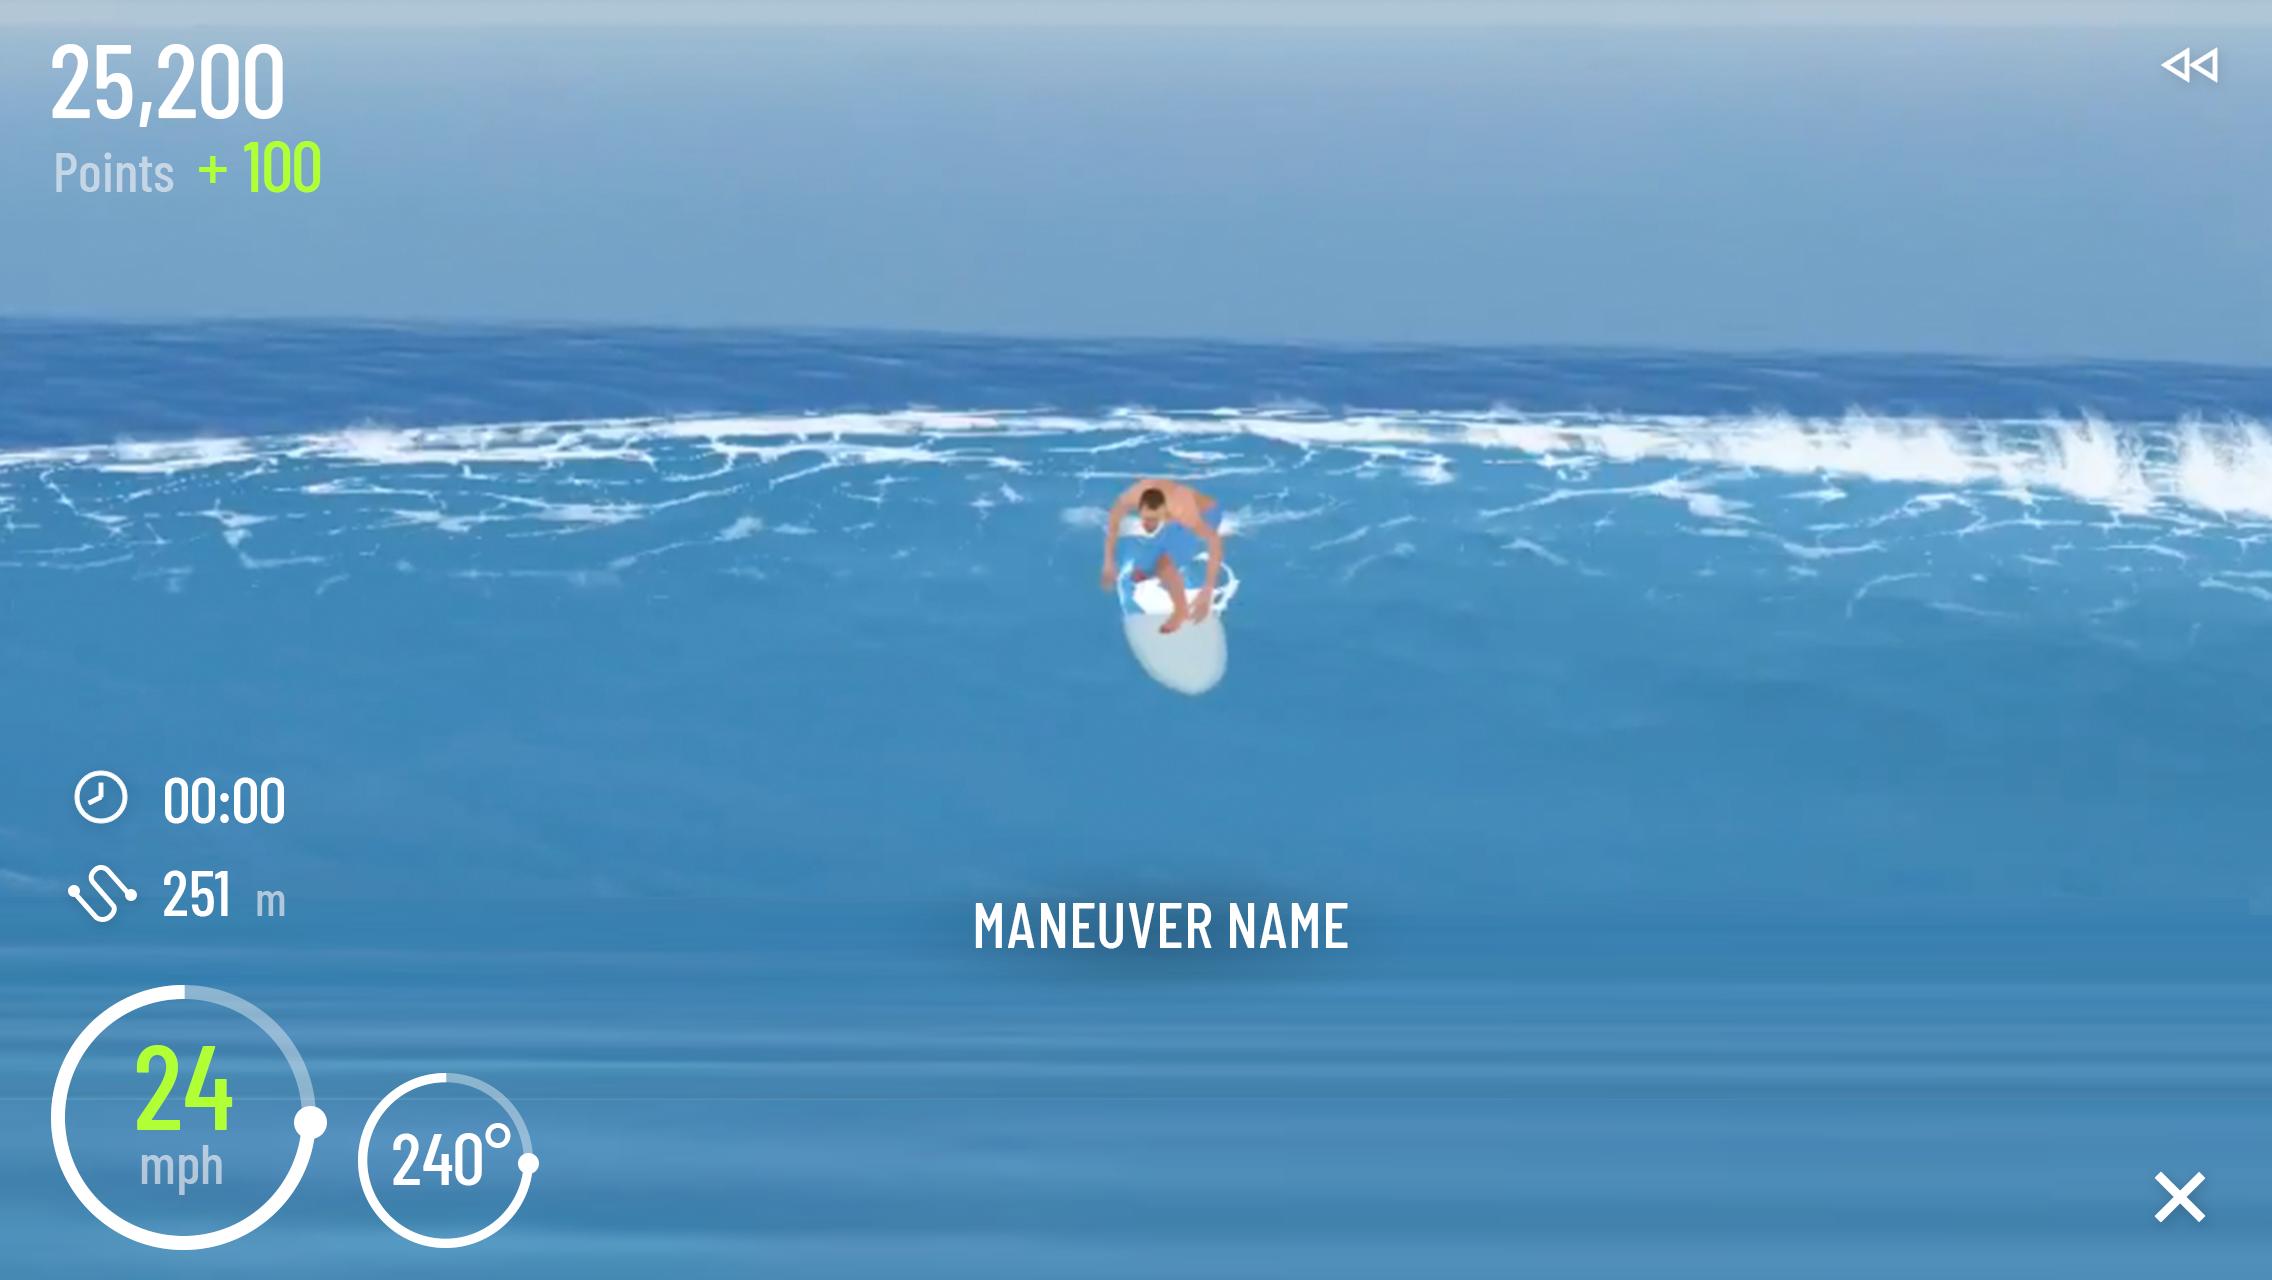 SURF_Hud